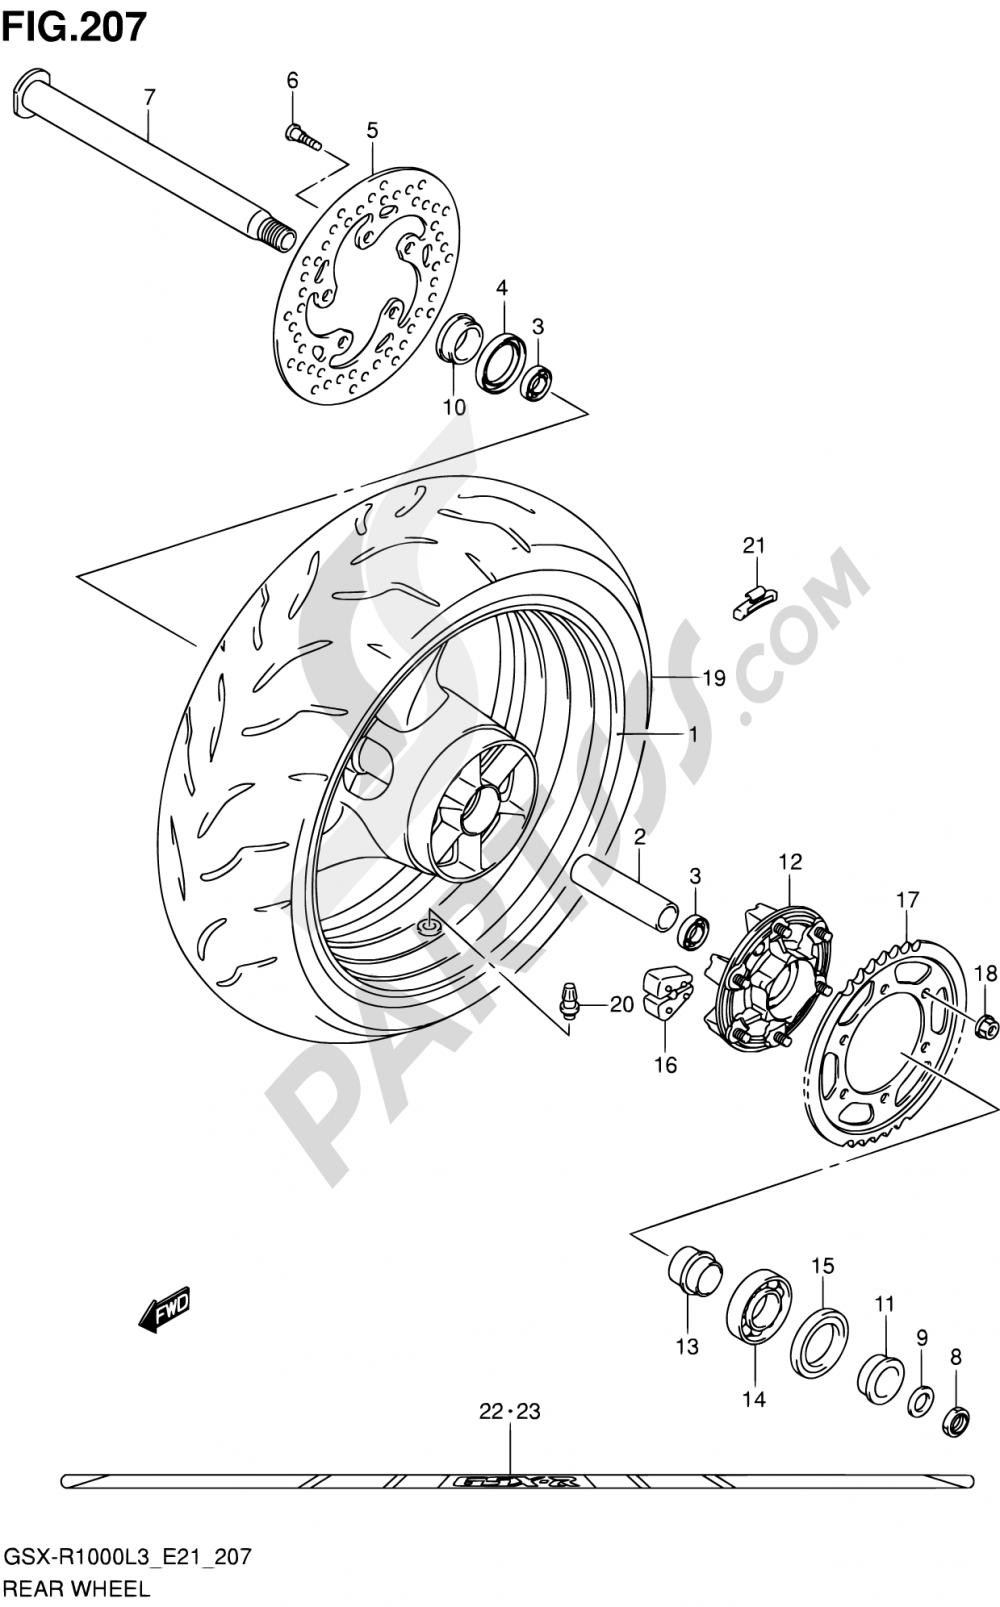 207 - REAR WHEEL (GSX-R1000ZUFL3 E21) Suzuki GSX-R1000 2013